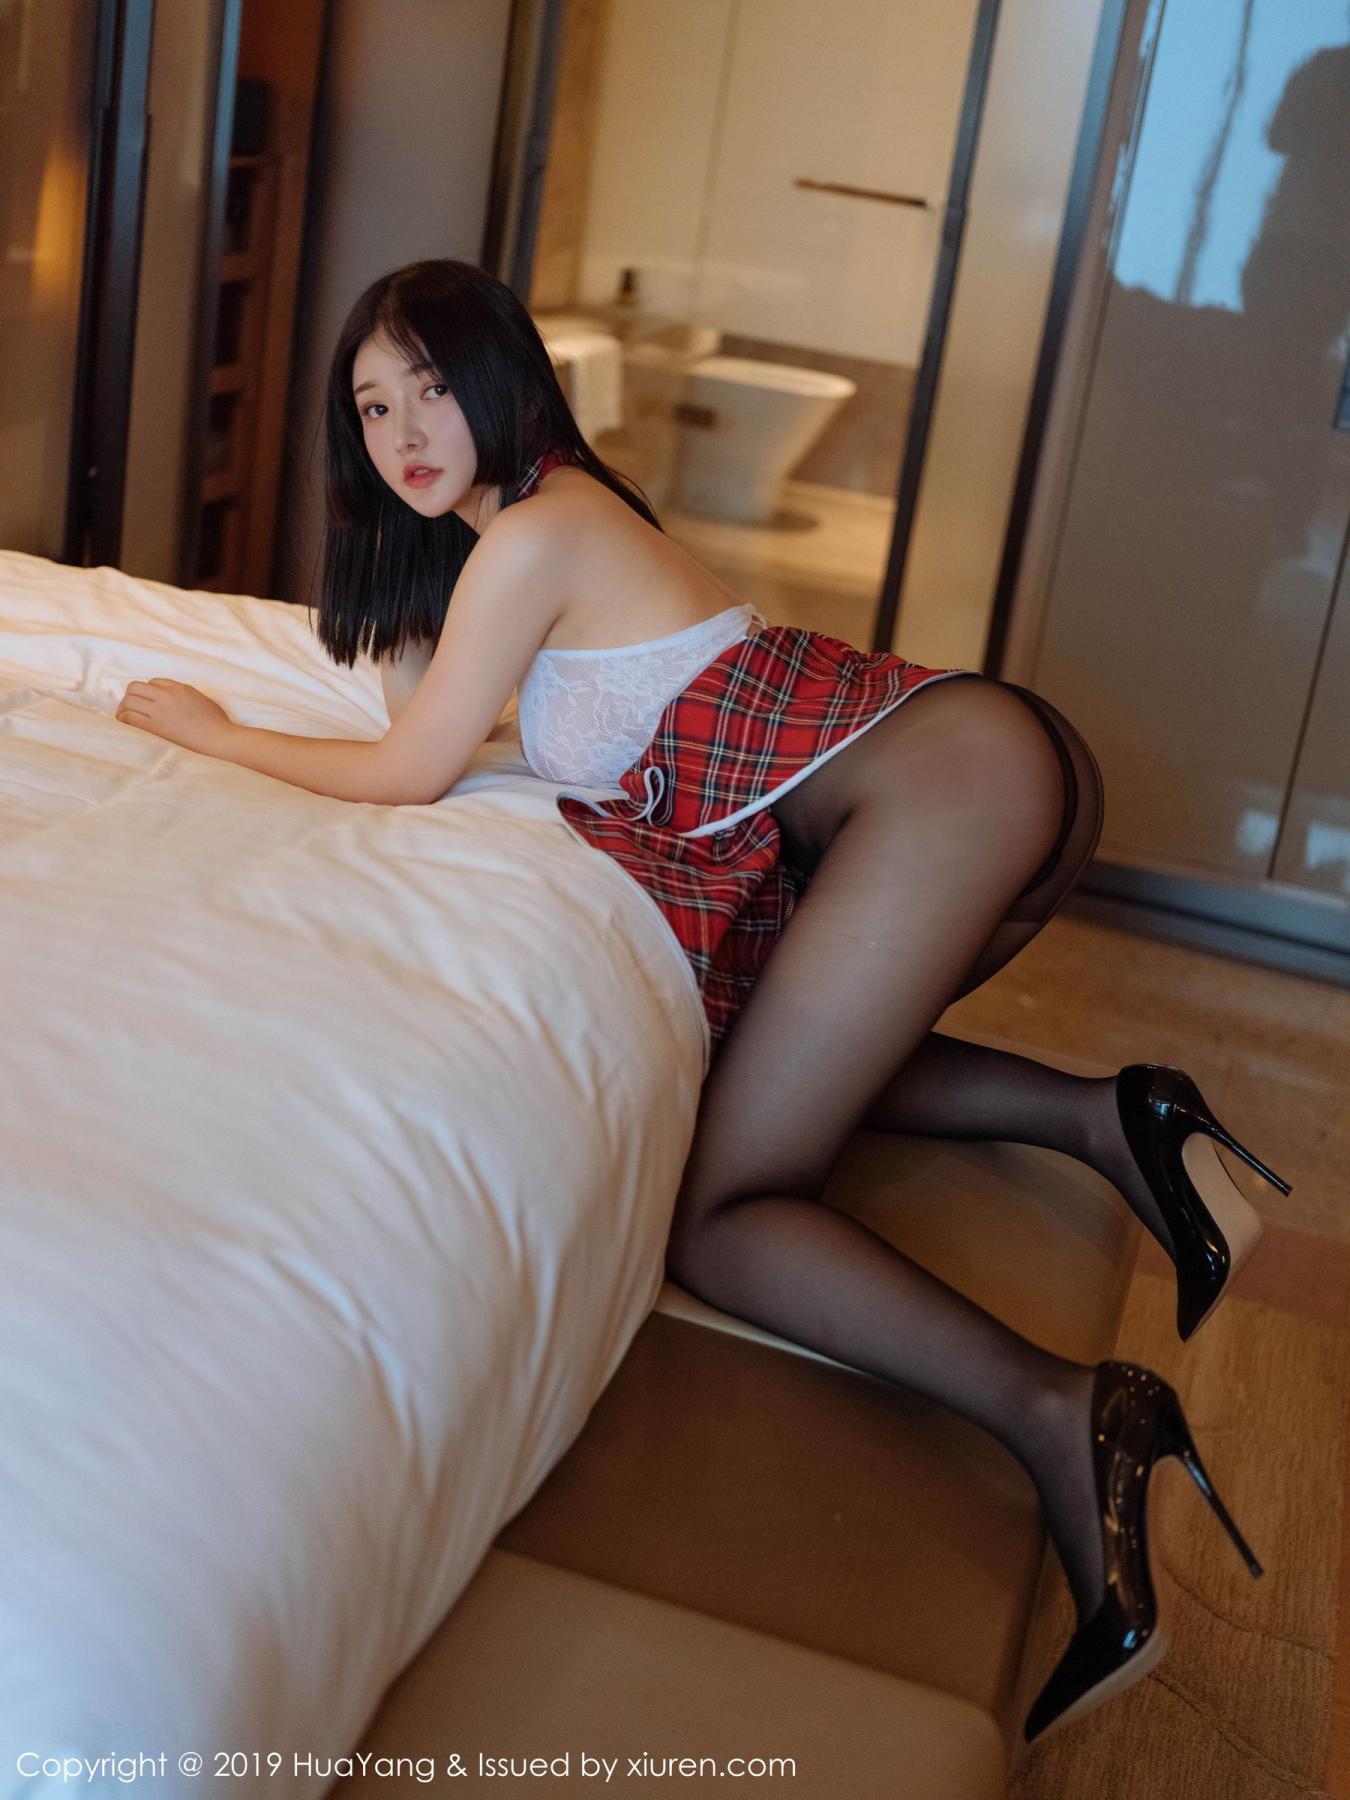 [Huayang] Vol.117 Tang Wan Er 31P, Adult, Black Silk, HuaYang, Sexy, Tang Wan Er